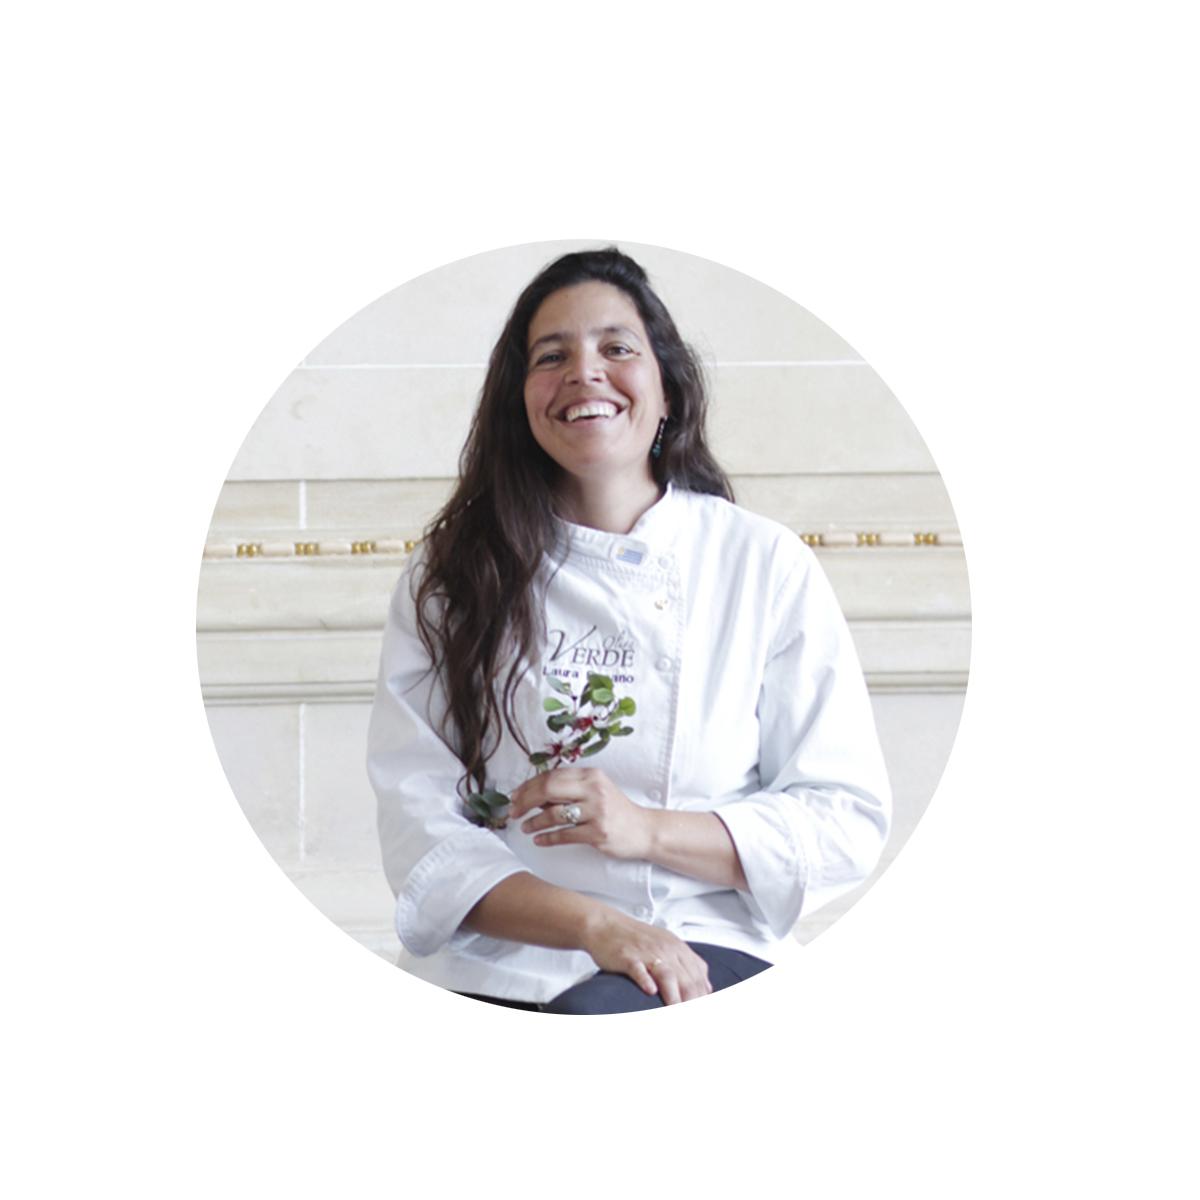 LAURA ROSANO - Uruguay - Productora agroecológica, representante de Slow Food Internacional